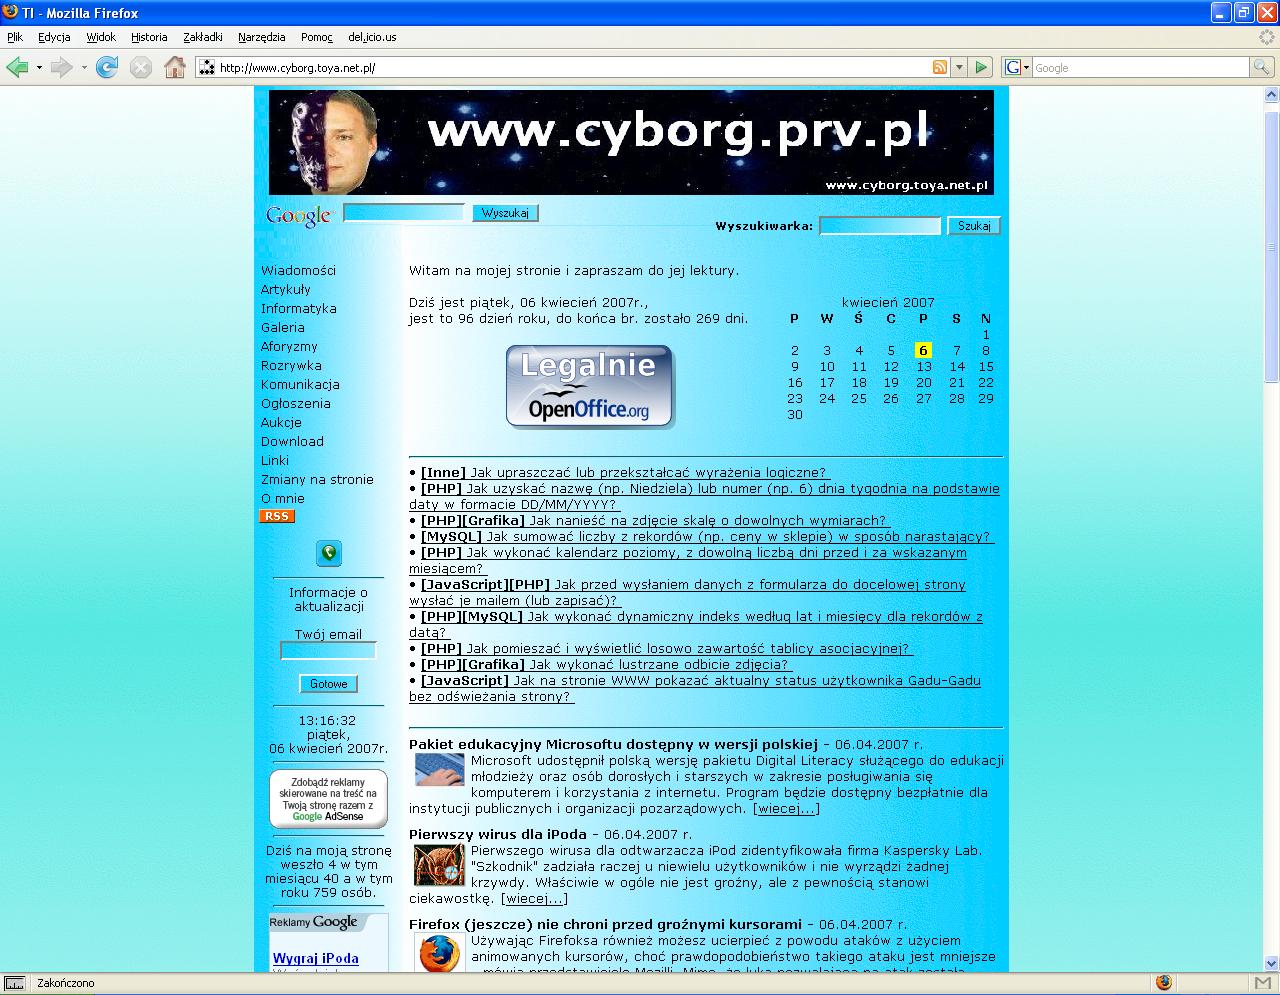 www.cyborg.toya_.net_.pl_